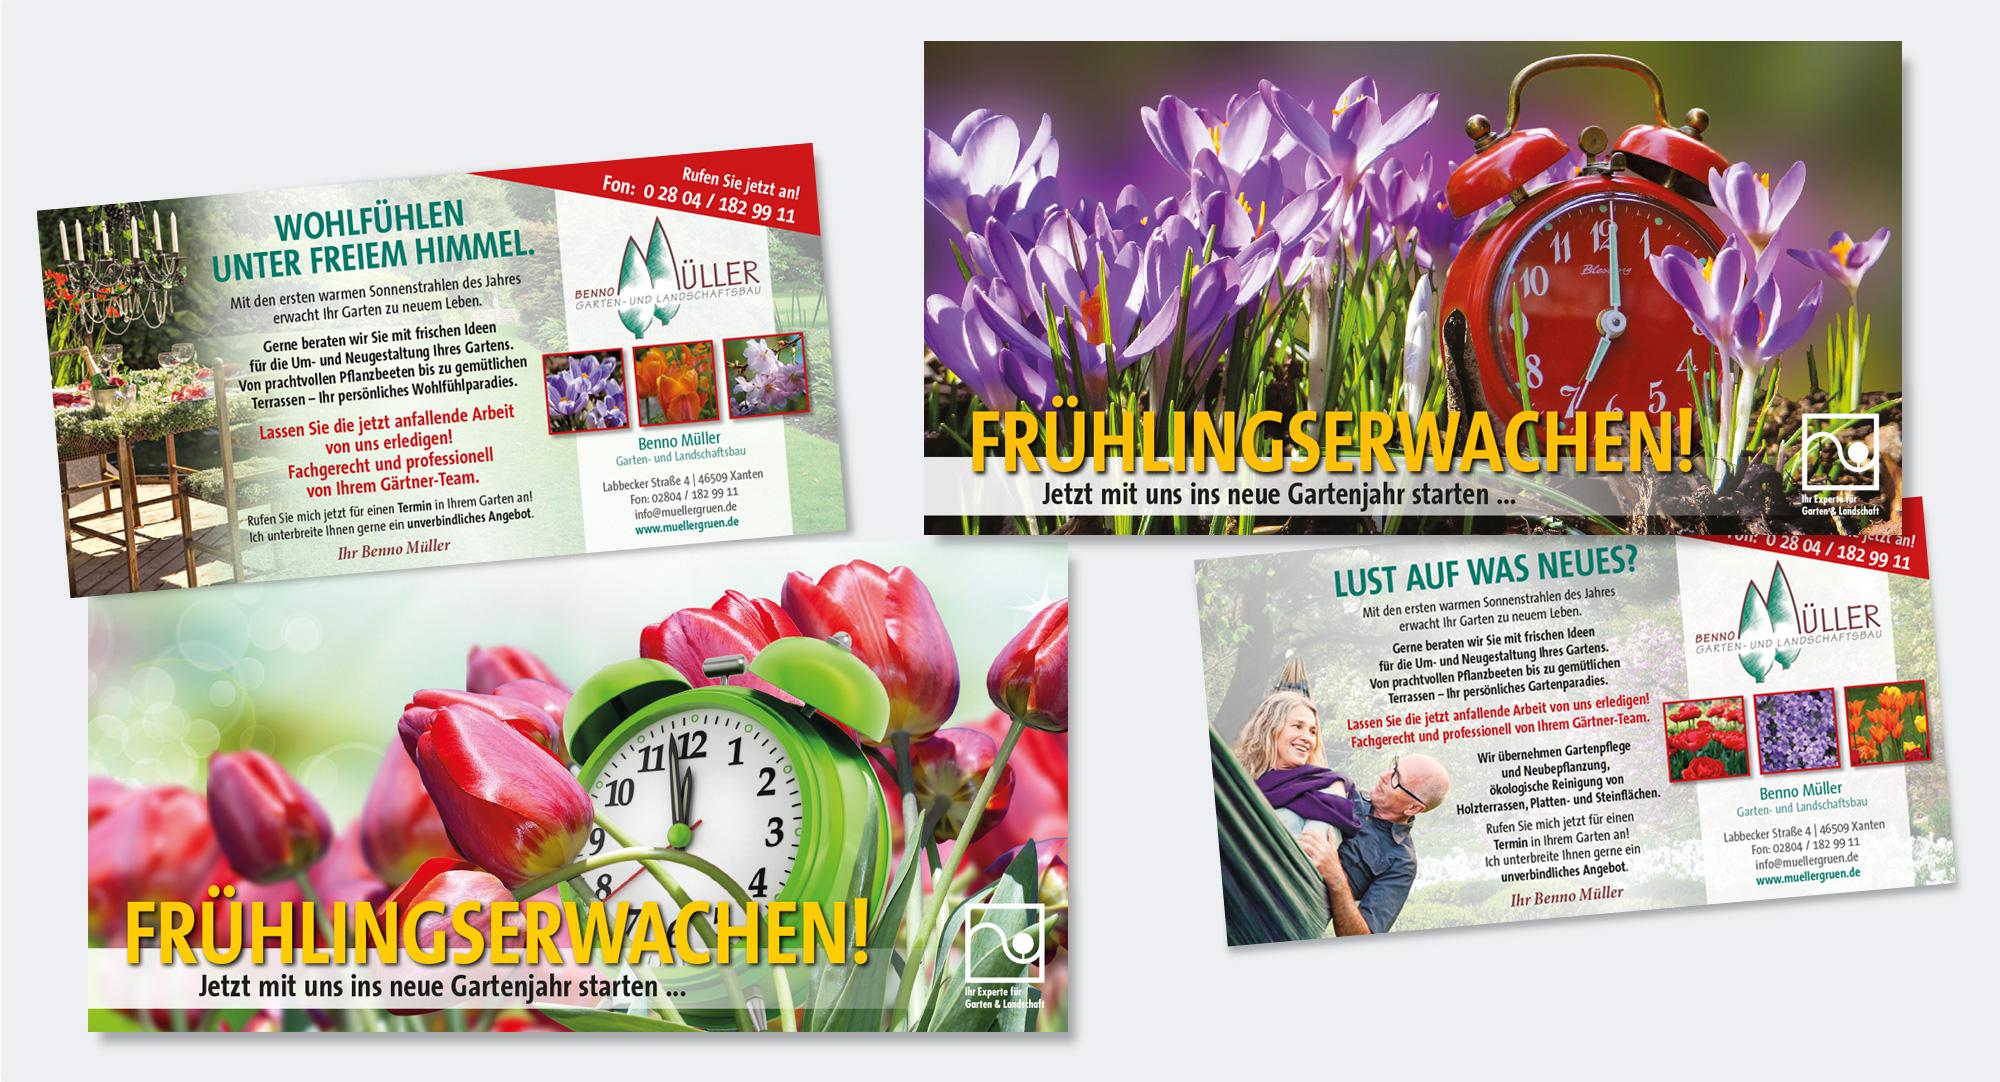 Gartenbau Benno Müller, Xanten – Mailingaktion in Kooperation mit Freiraum – Sven Langhoff, Hünxe